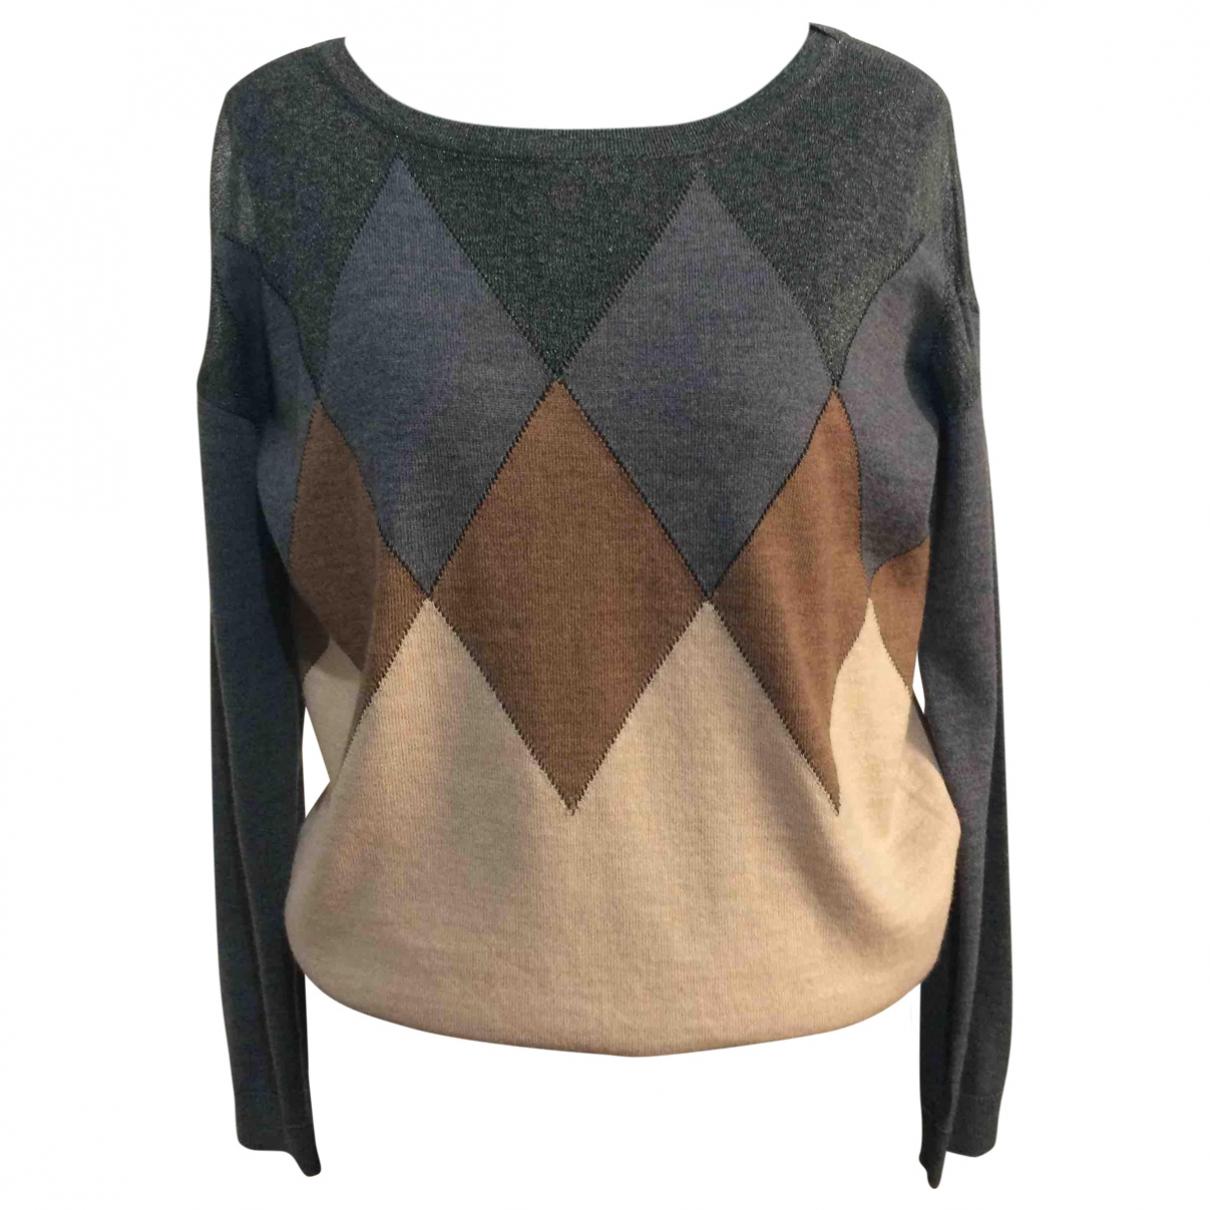 Falconeri \N Wool Knitwear for Women M International